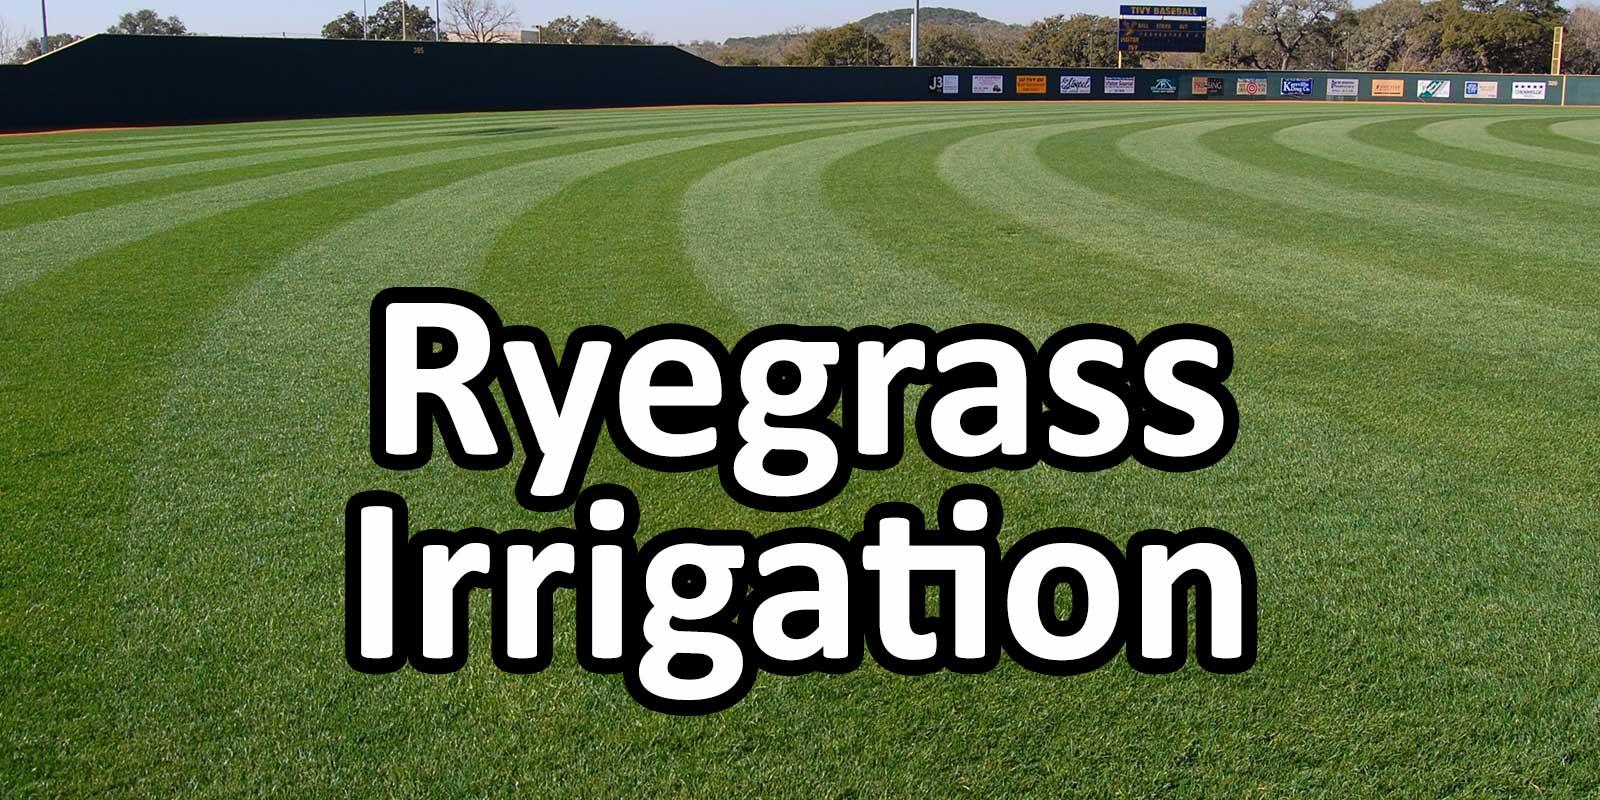 ryegrassirrigation_1600x800.jpg